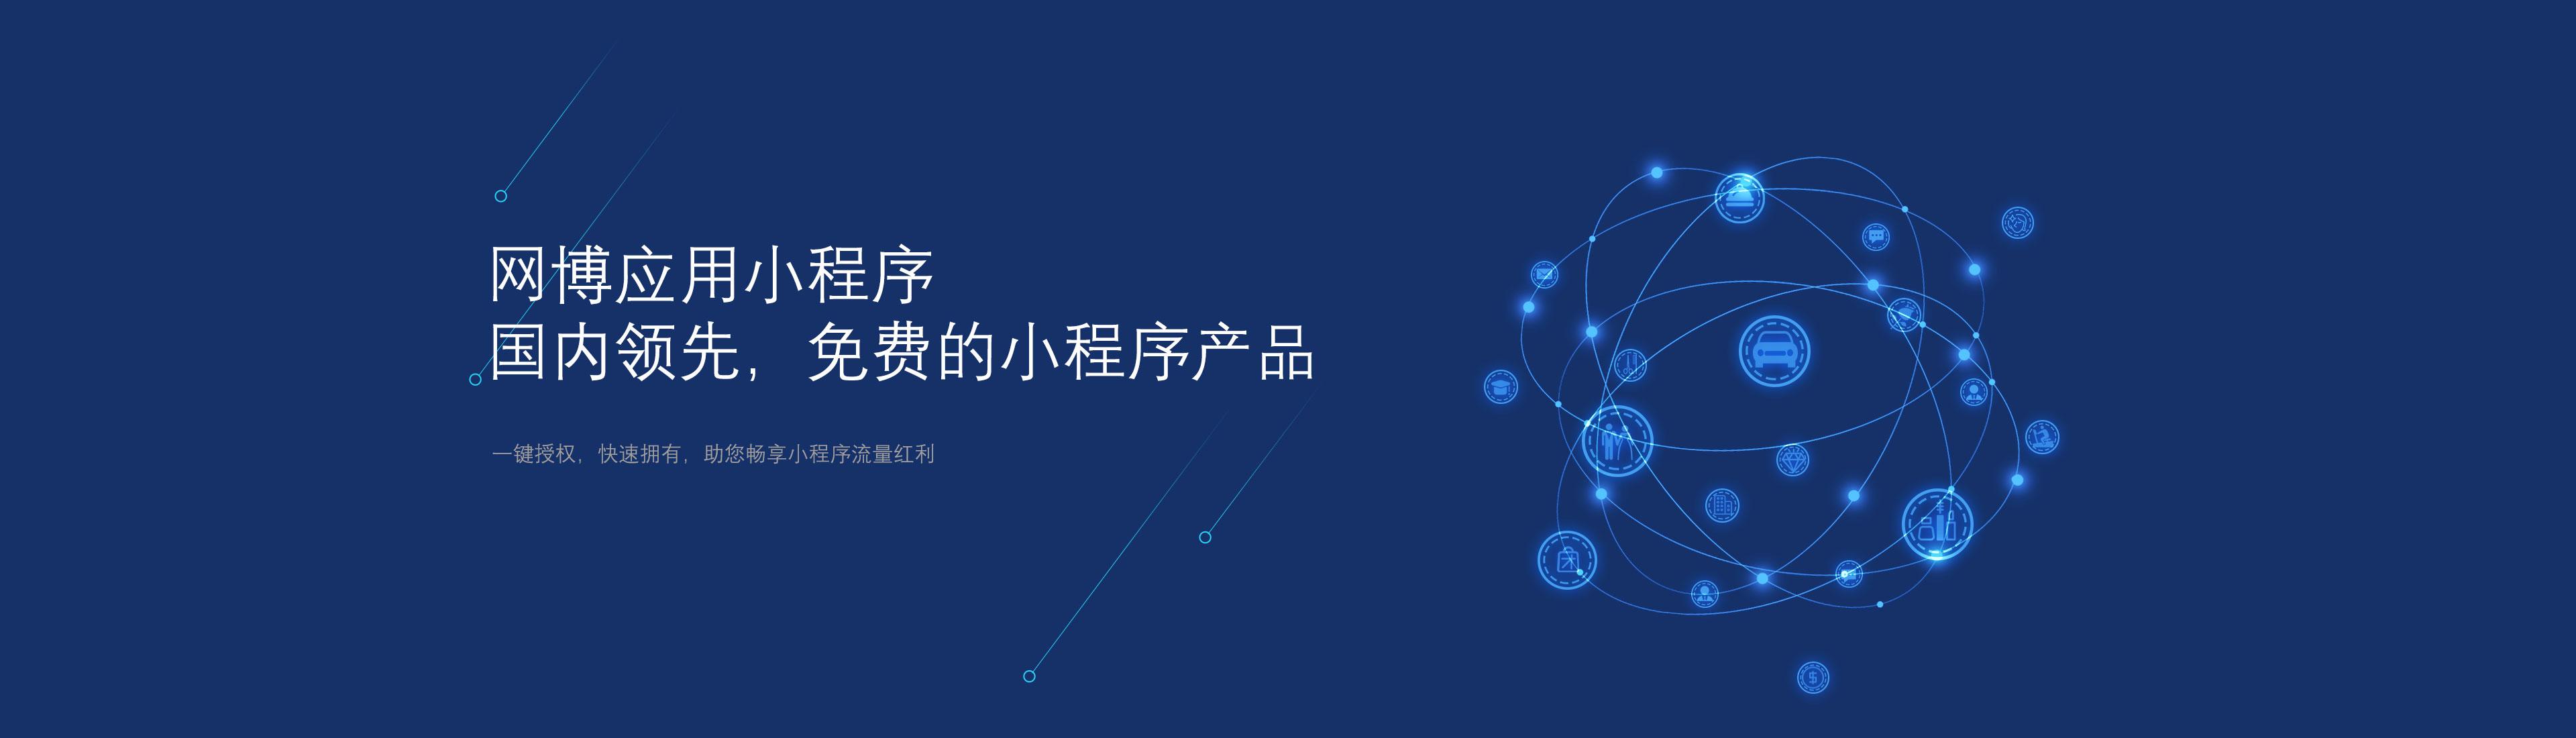 网博应用小程序开发,国内领先的免费小程序